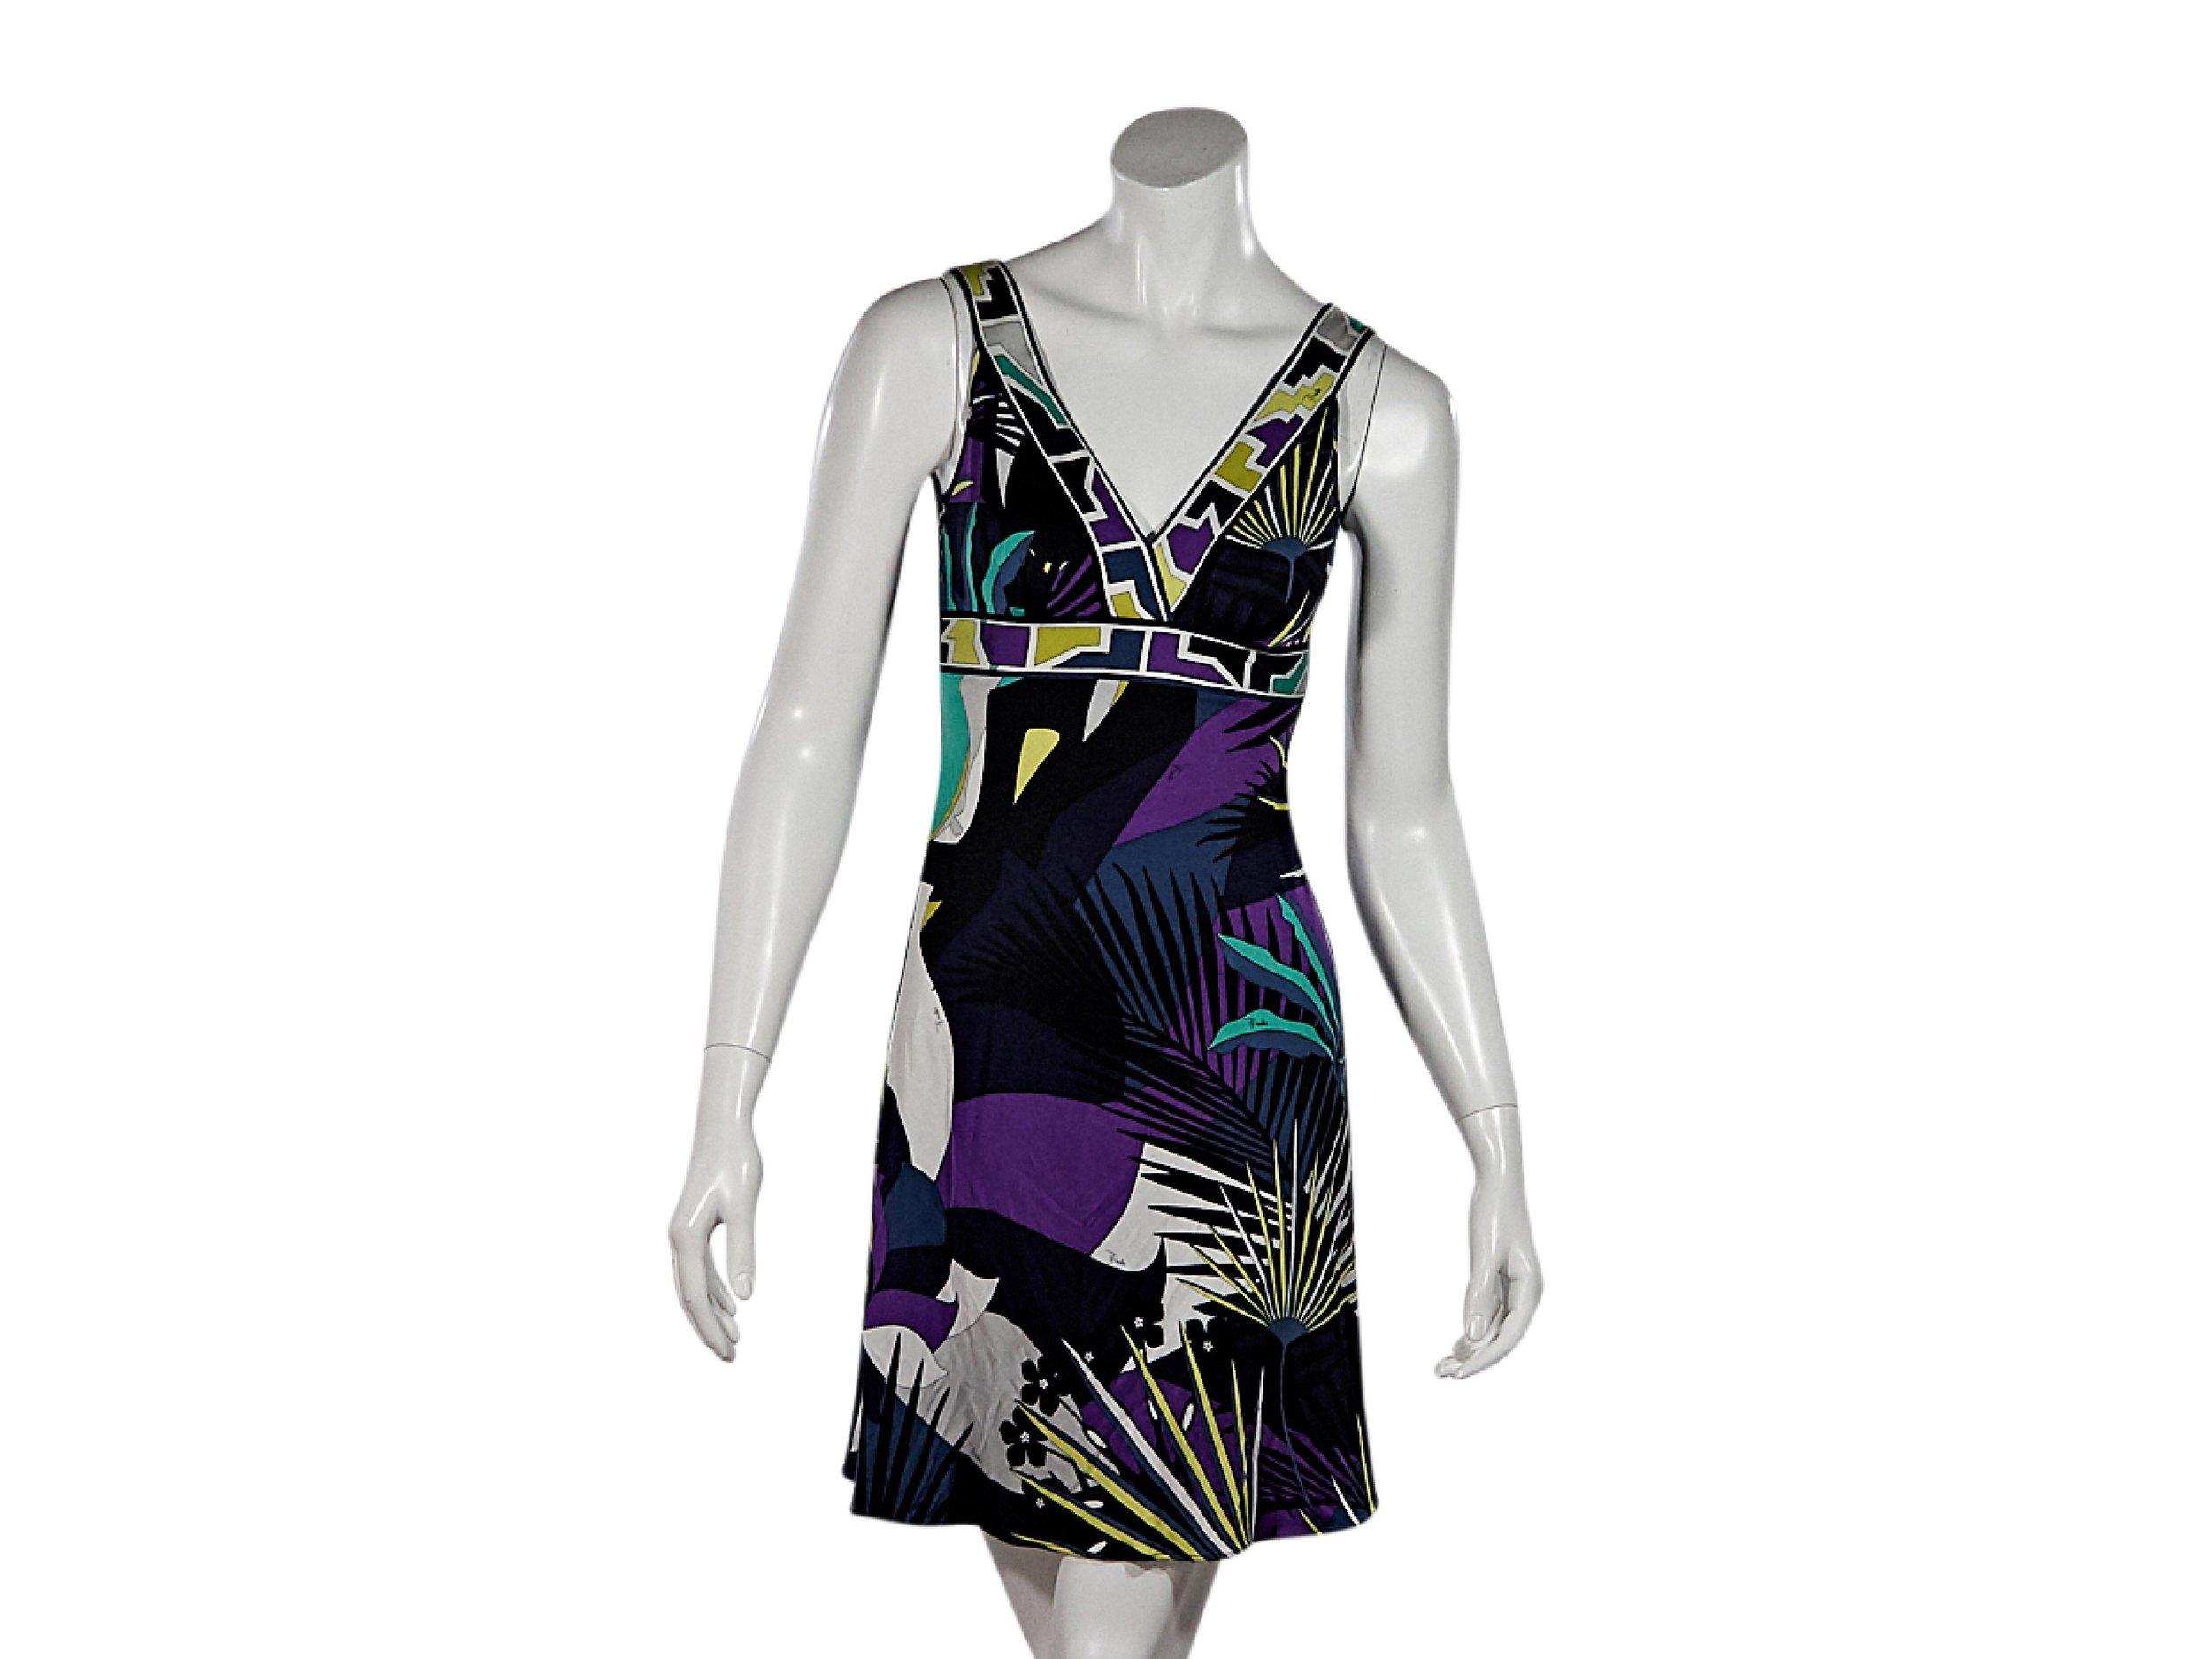 EMILIO PUCCI Multicolor Printed Mini Dress; Size: 4 US; $155